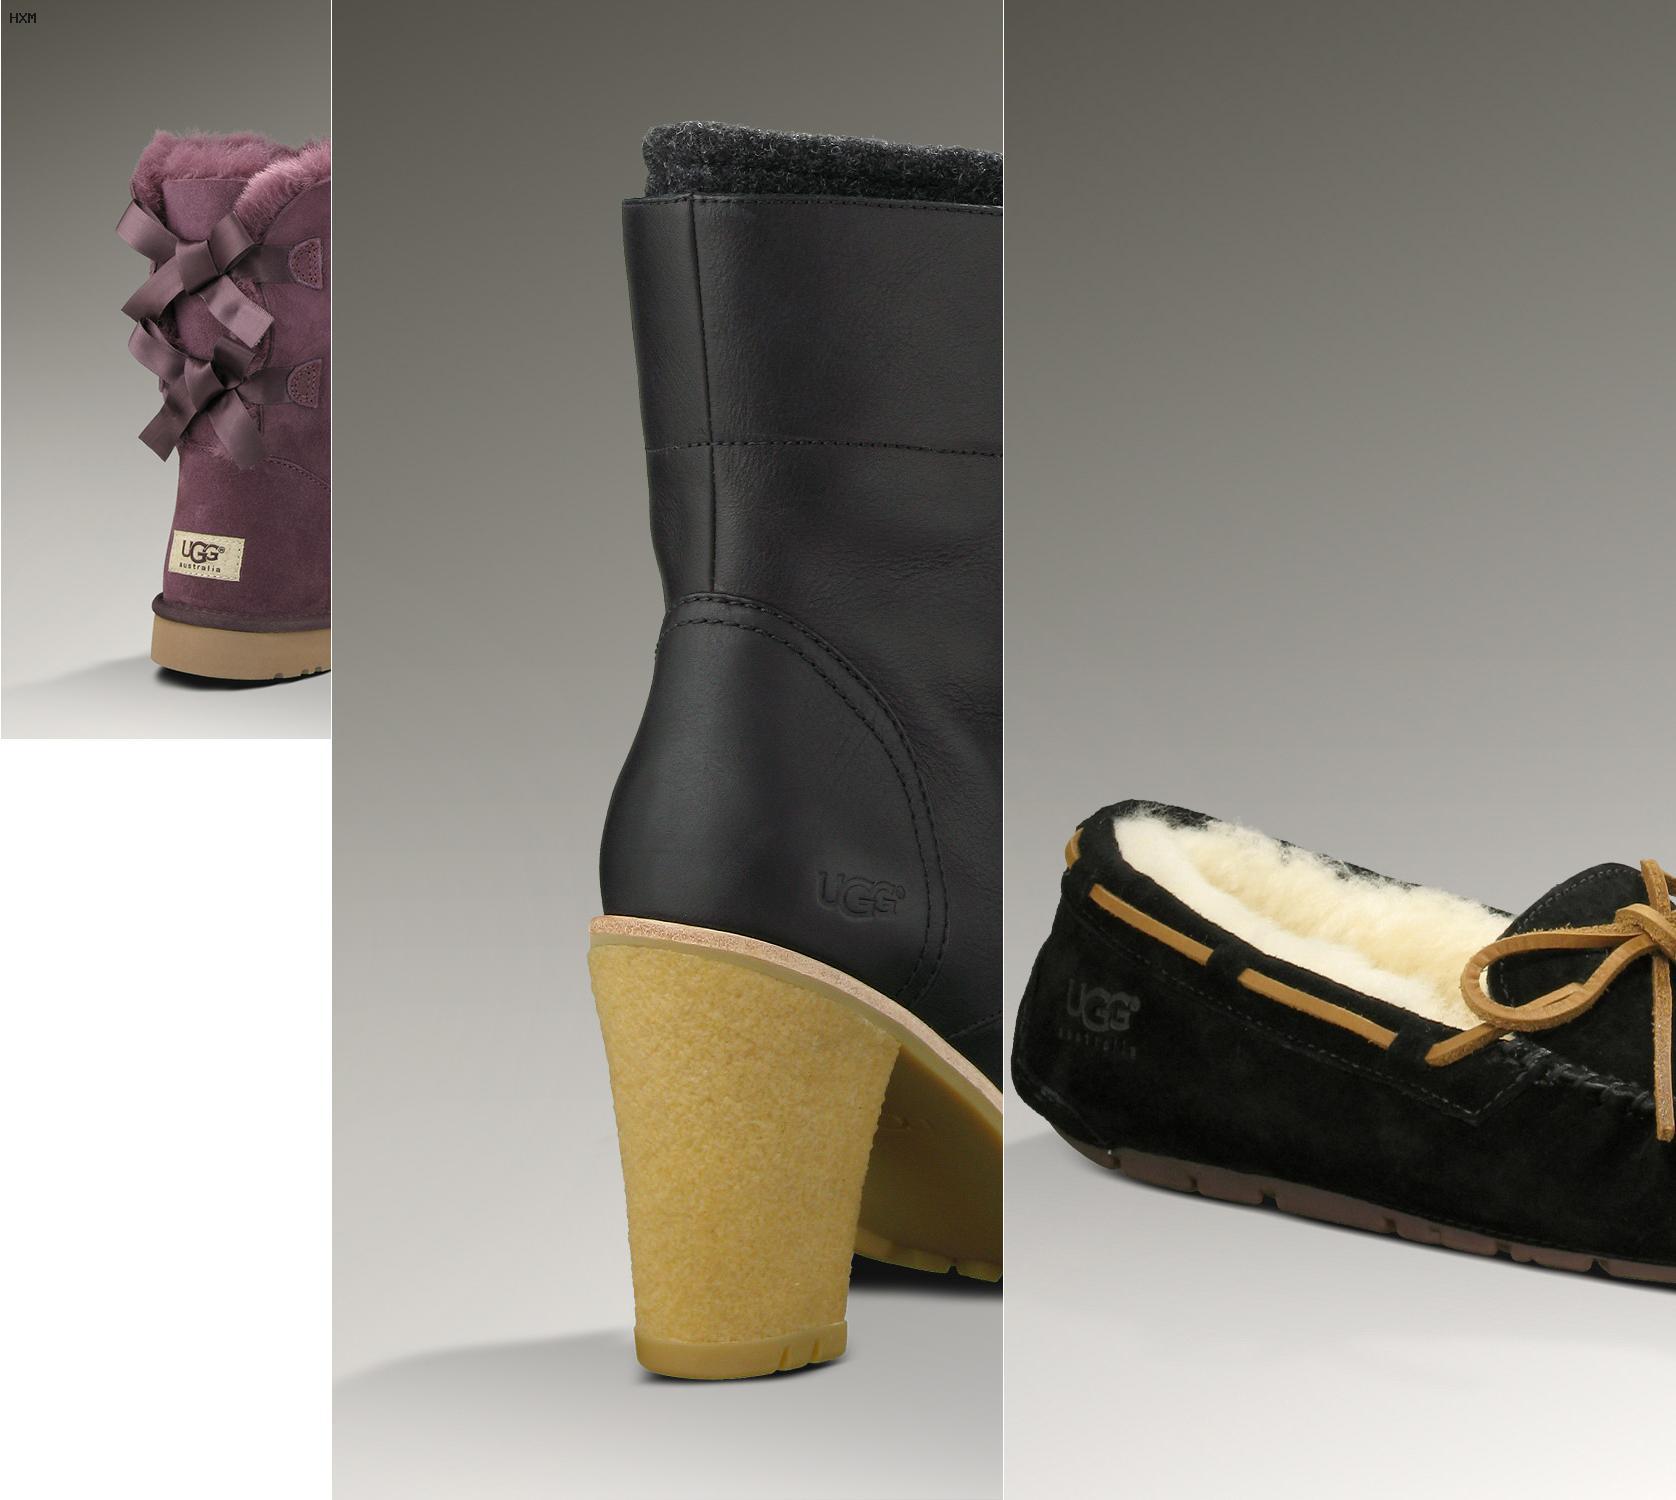 donde comprar botas ugg en madrid baratas